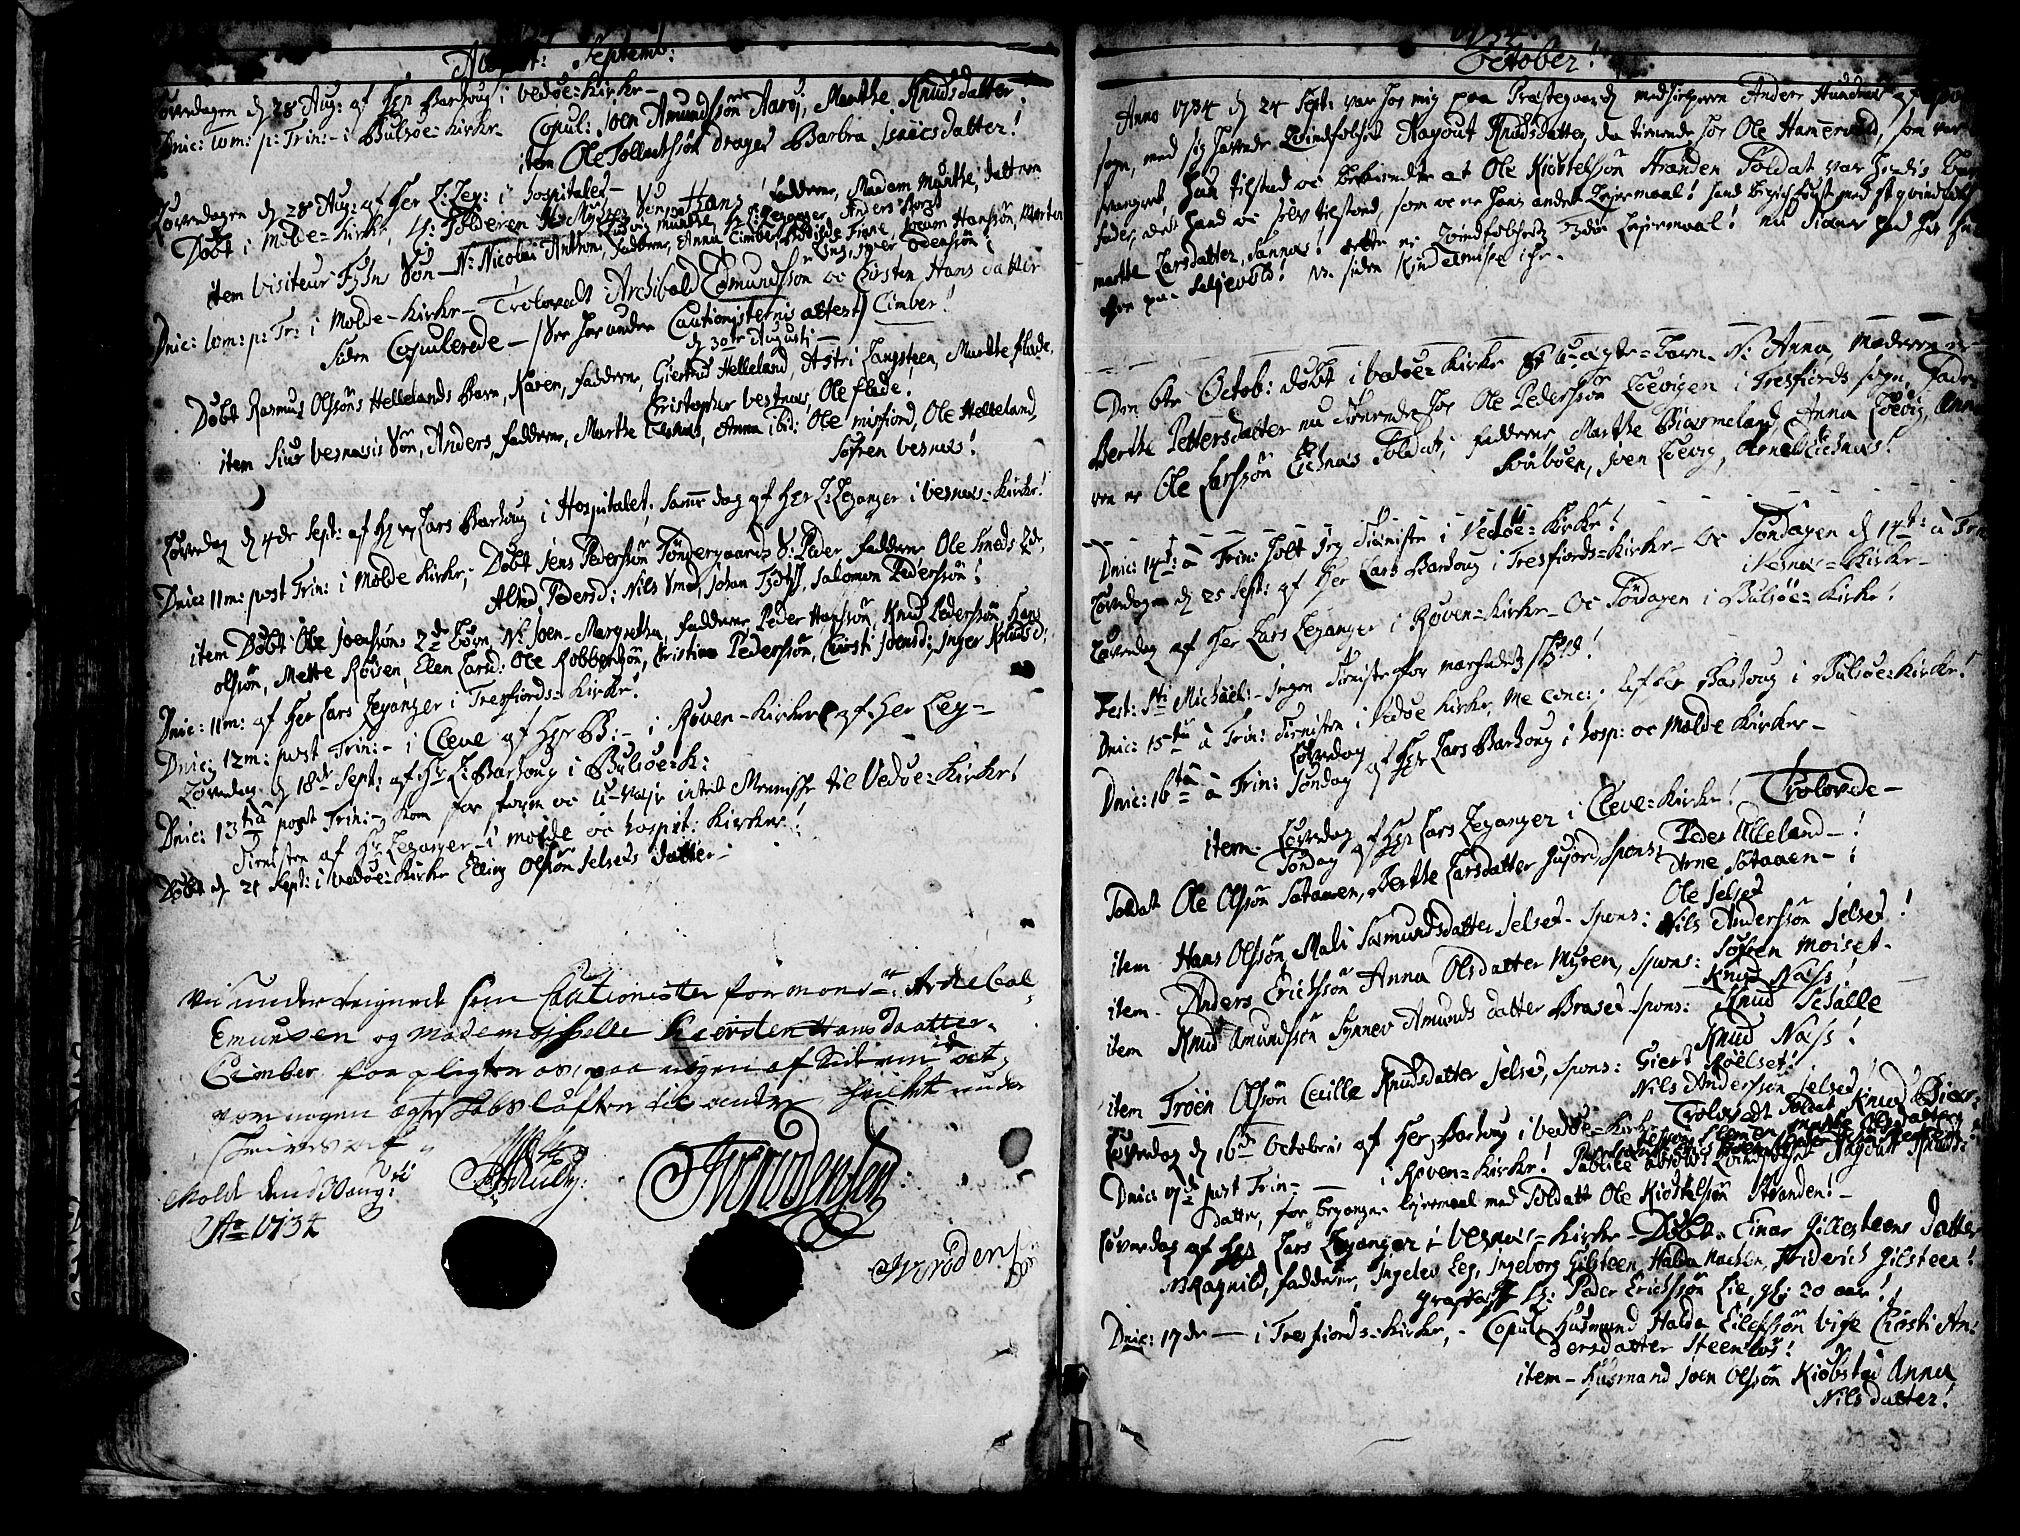 SAT, Ministerialprotokoller, klokkerbøker og fødselsregistre - Møre og Romsdal, 547/L0599: Ministerialbok nr. 547A01, 1721-1764, s. 146-147